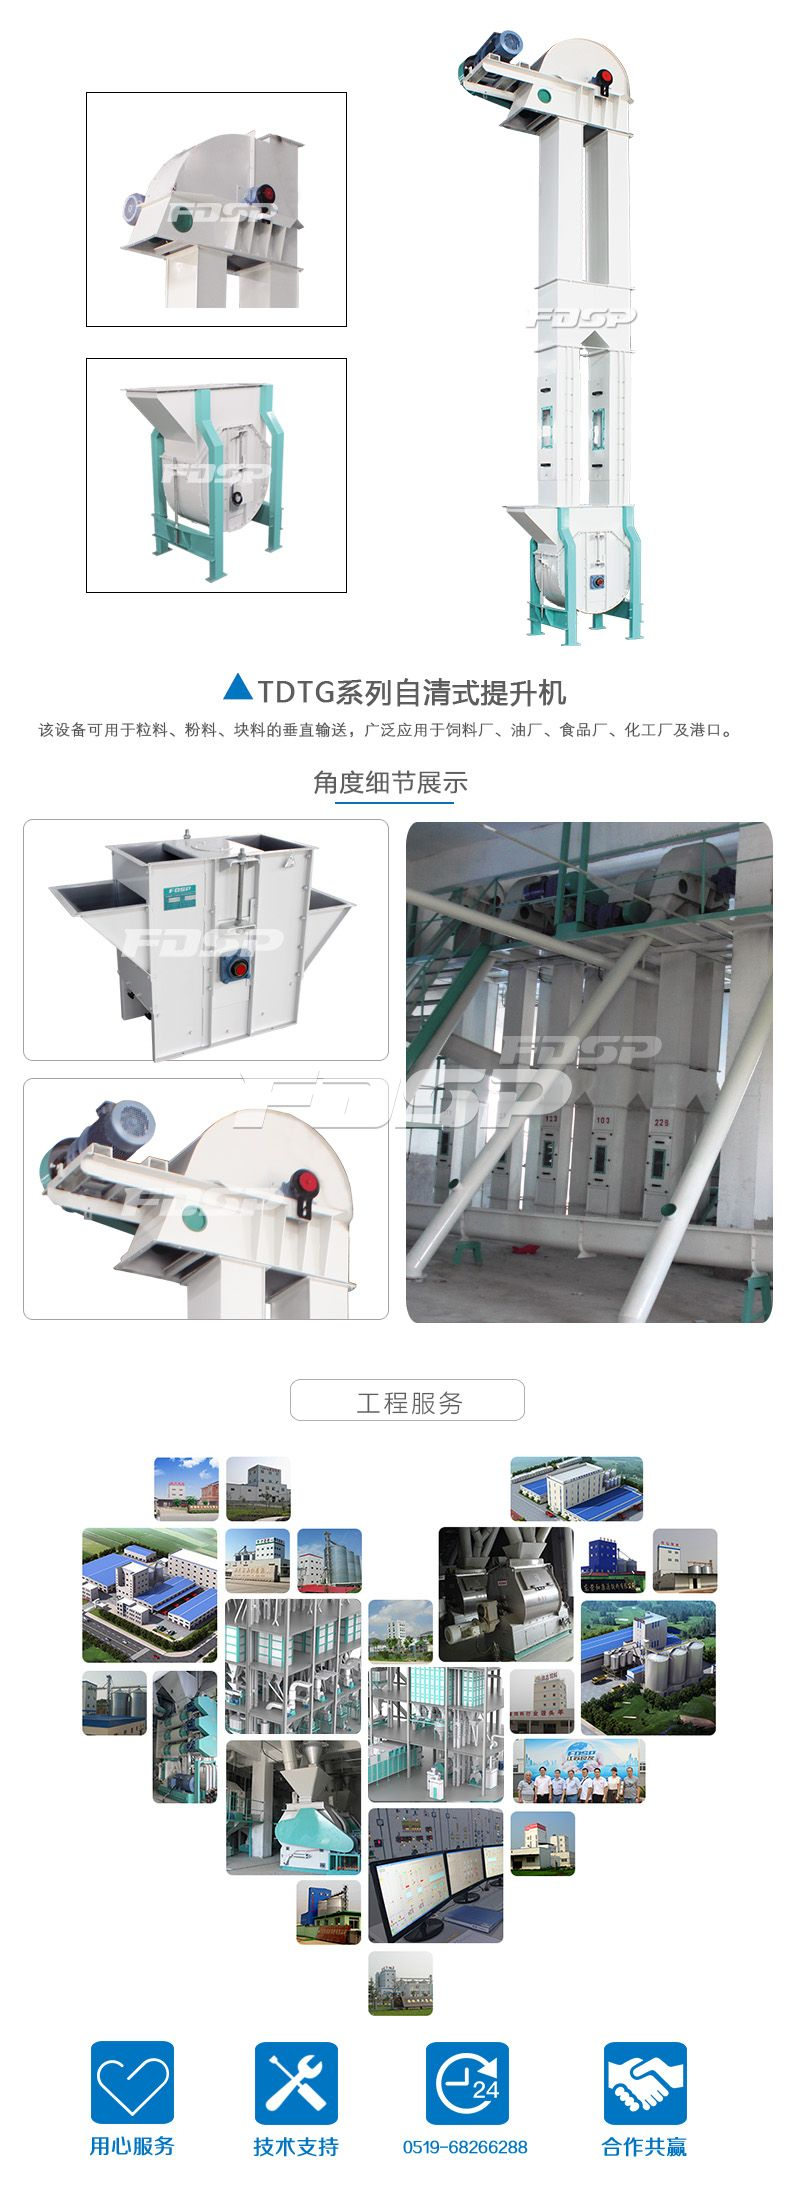 Elevador de cangilones autolimpiante serie TDTG (z)